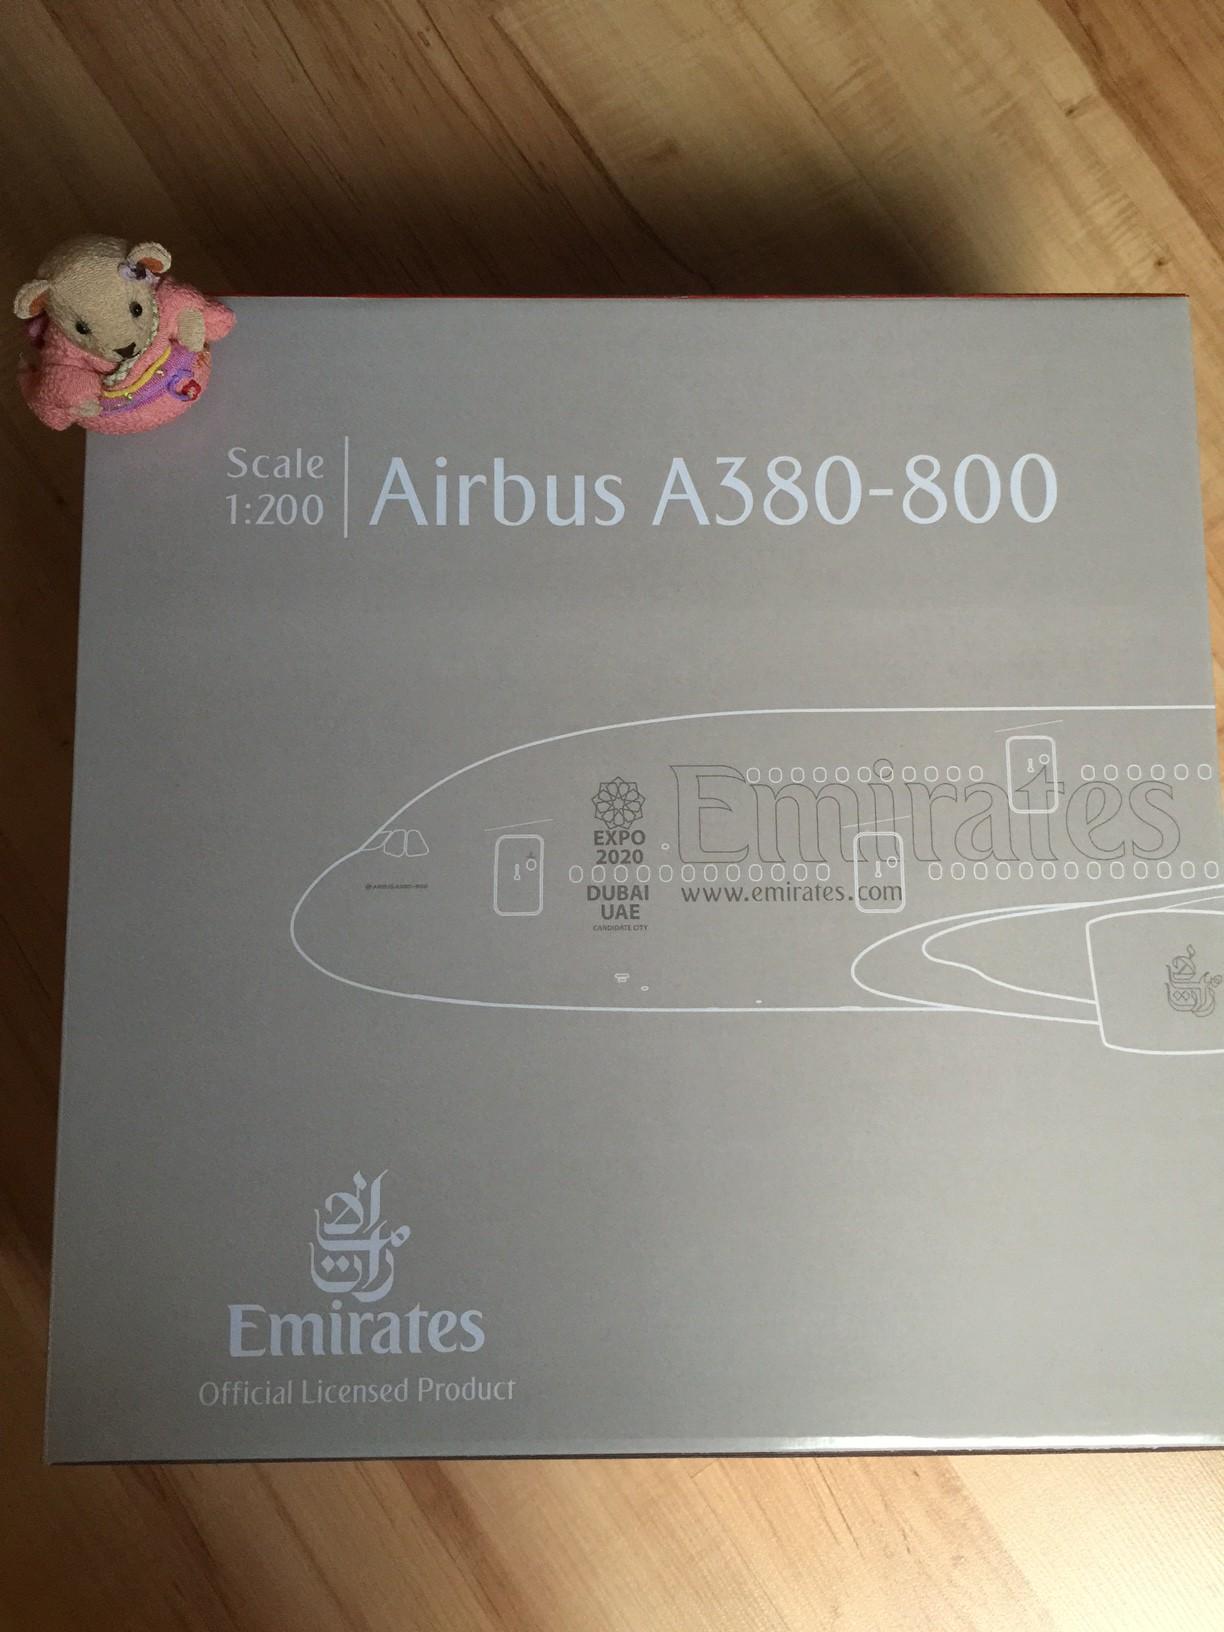 A380 Date